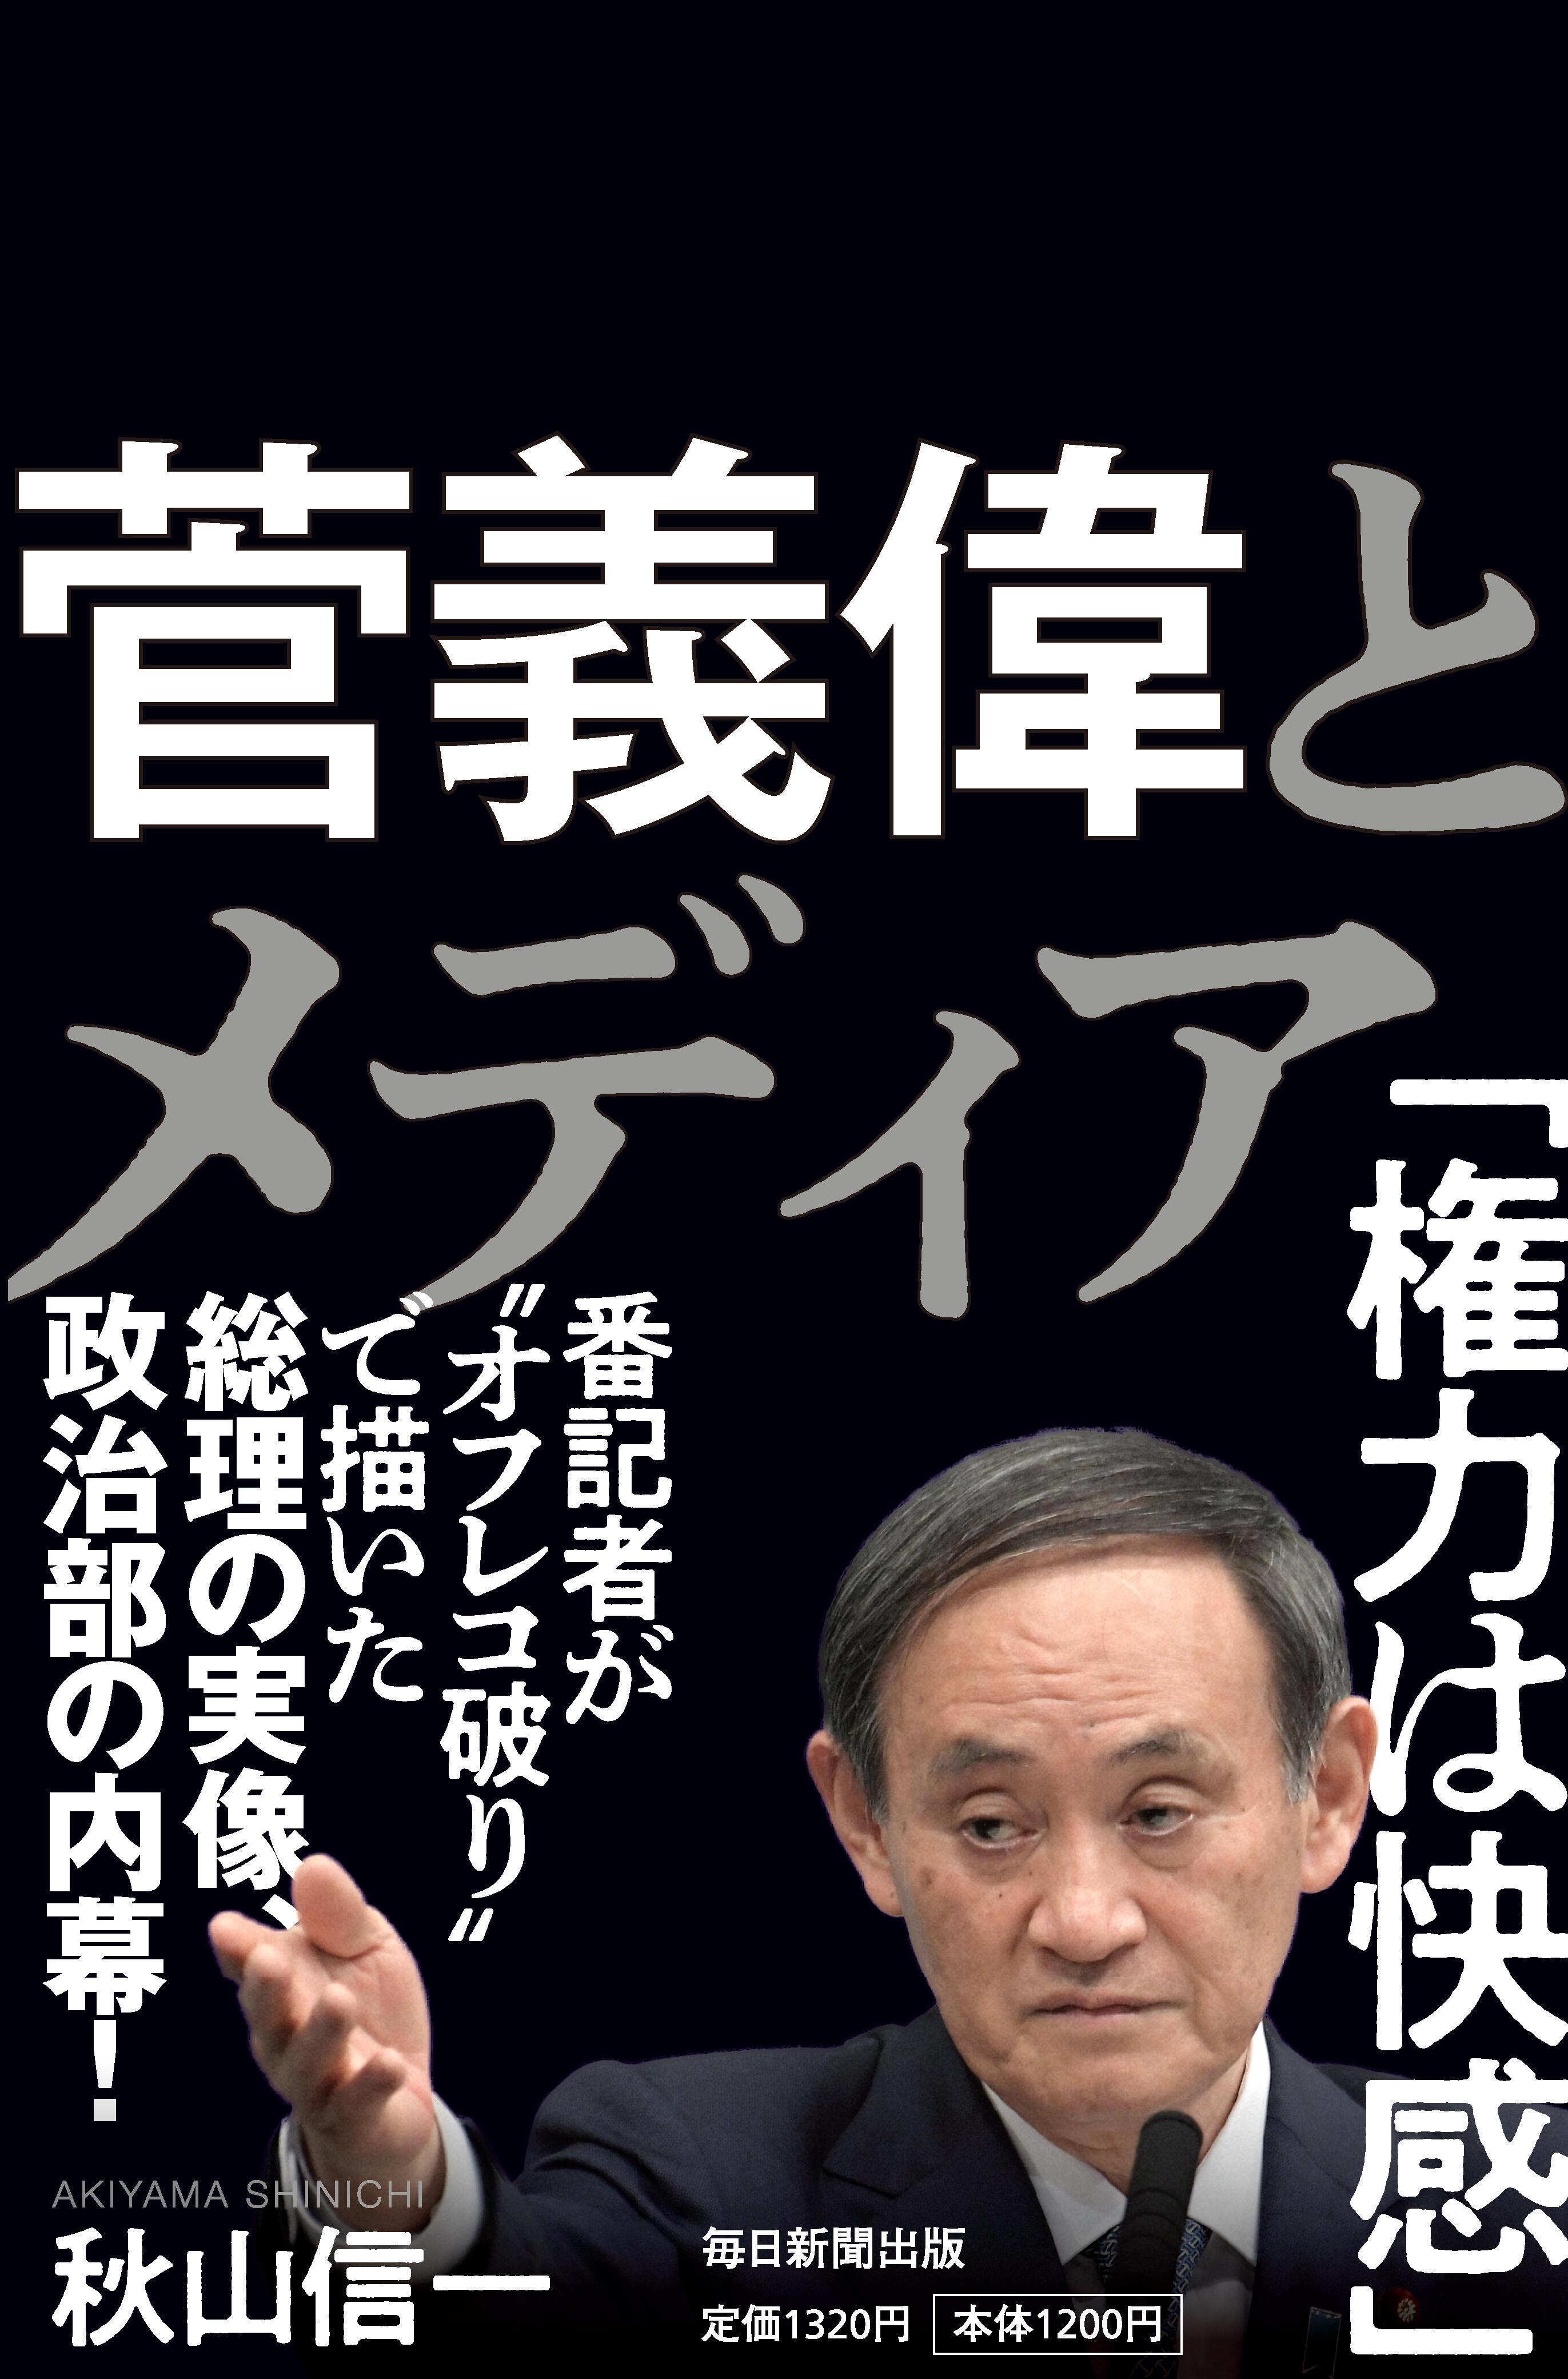 書影:菅義偉とメディア